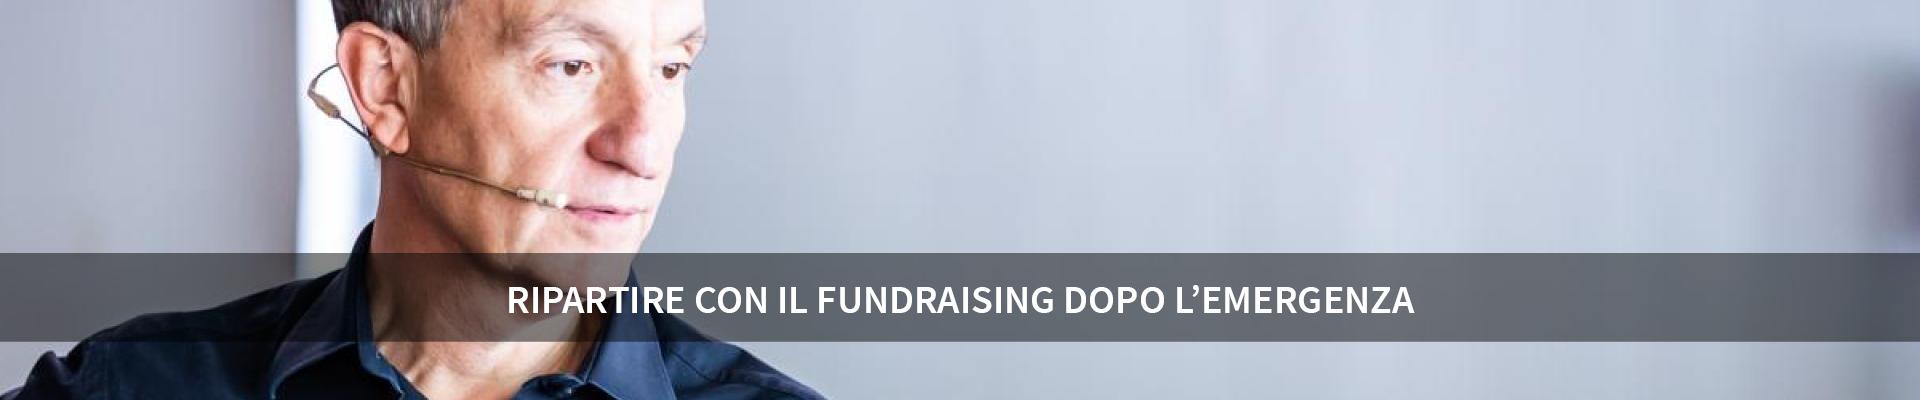 Ripartire con il fundraising dopo l'emergenza -